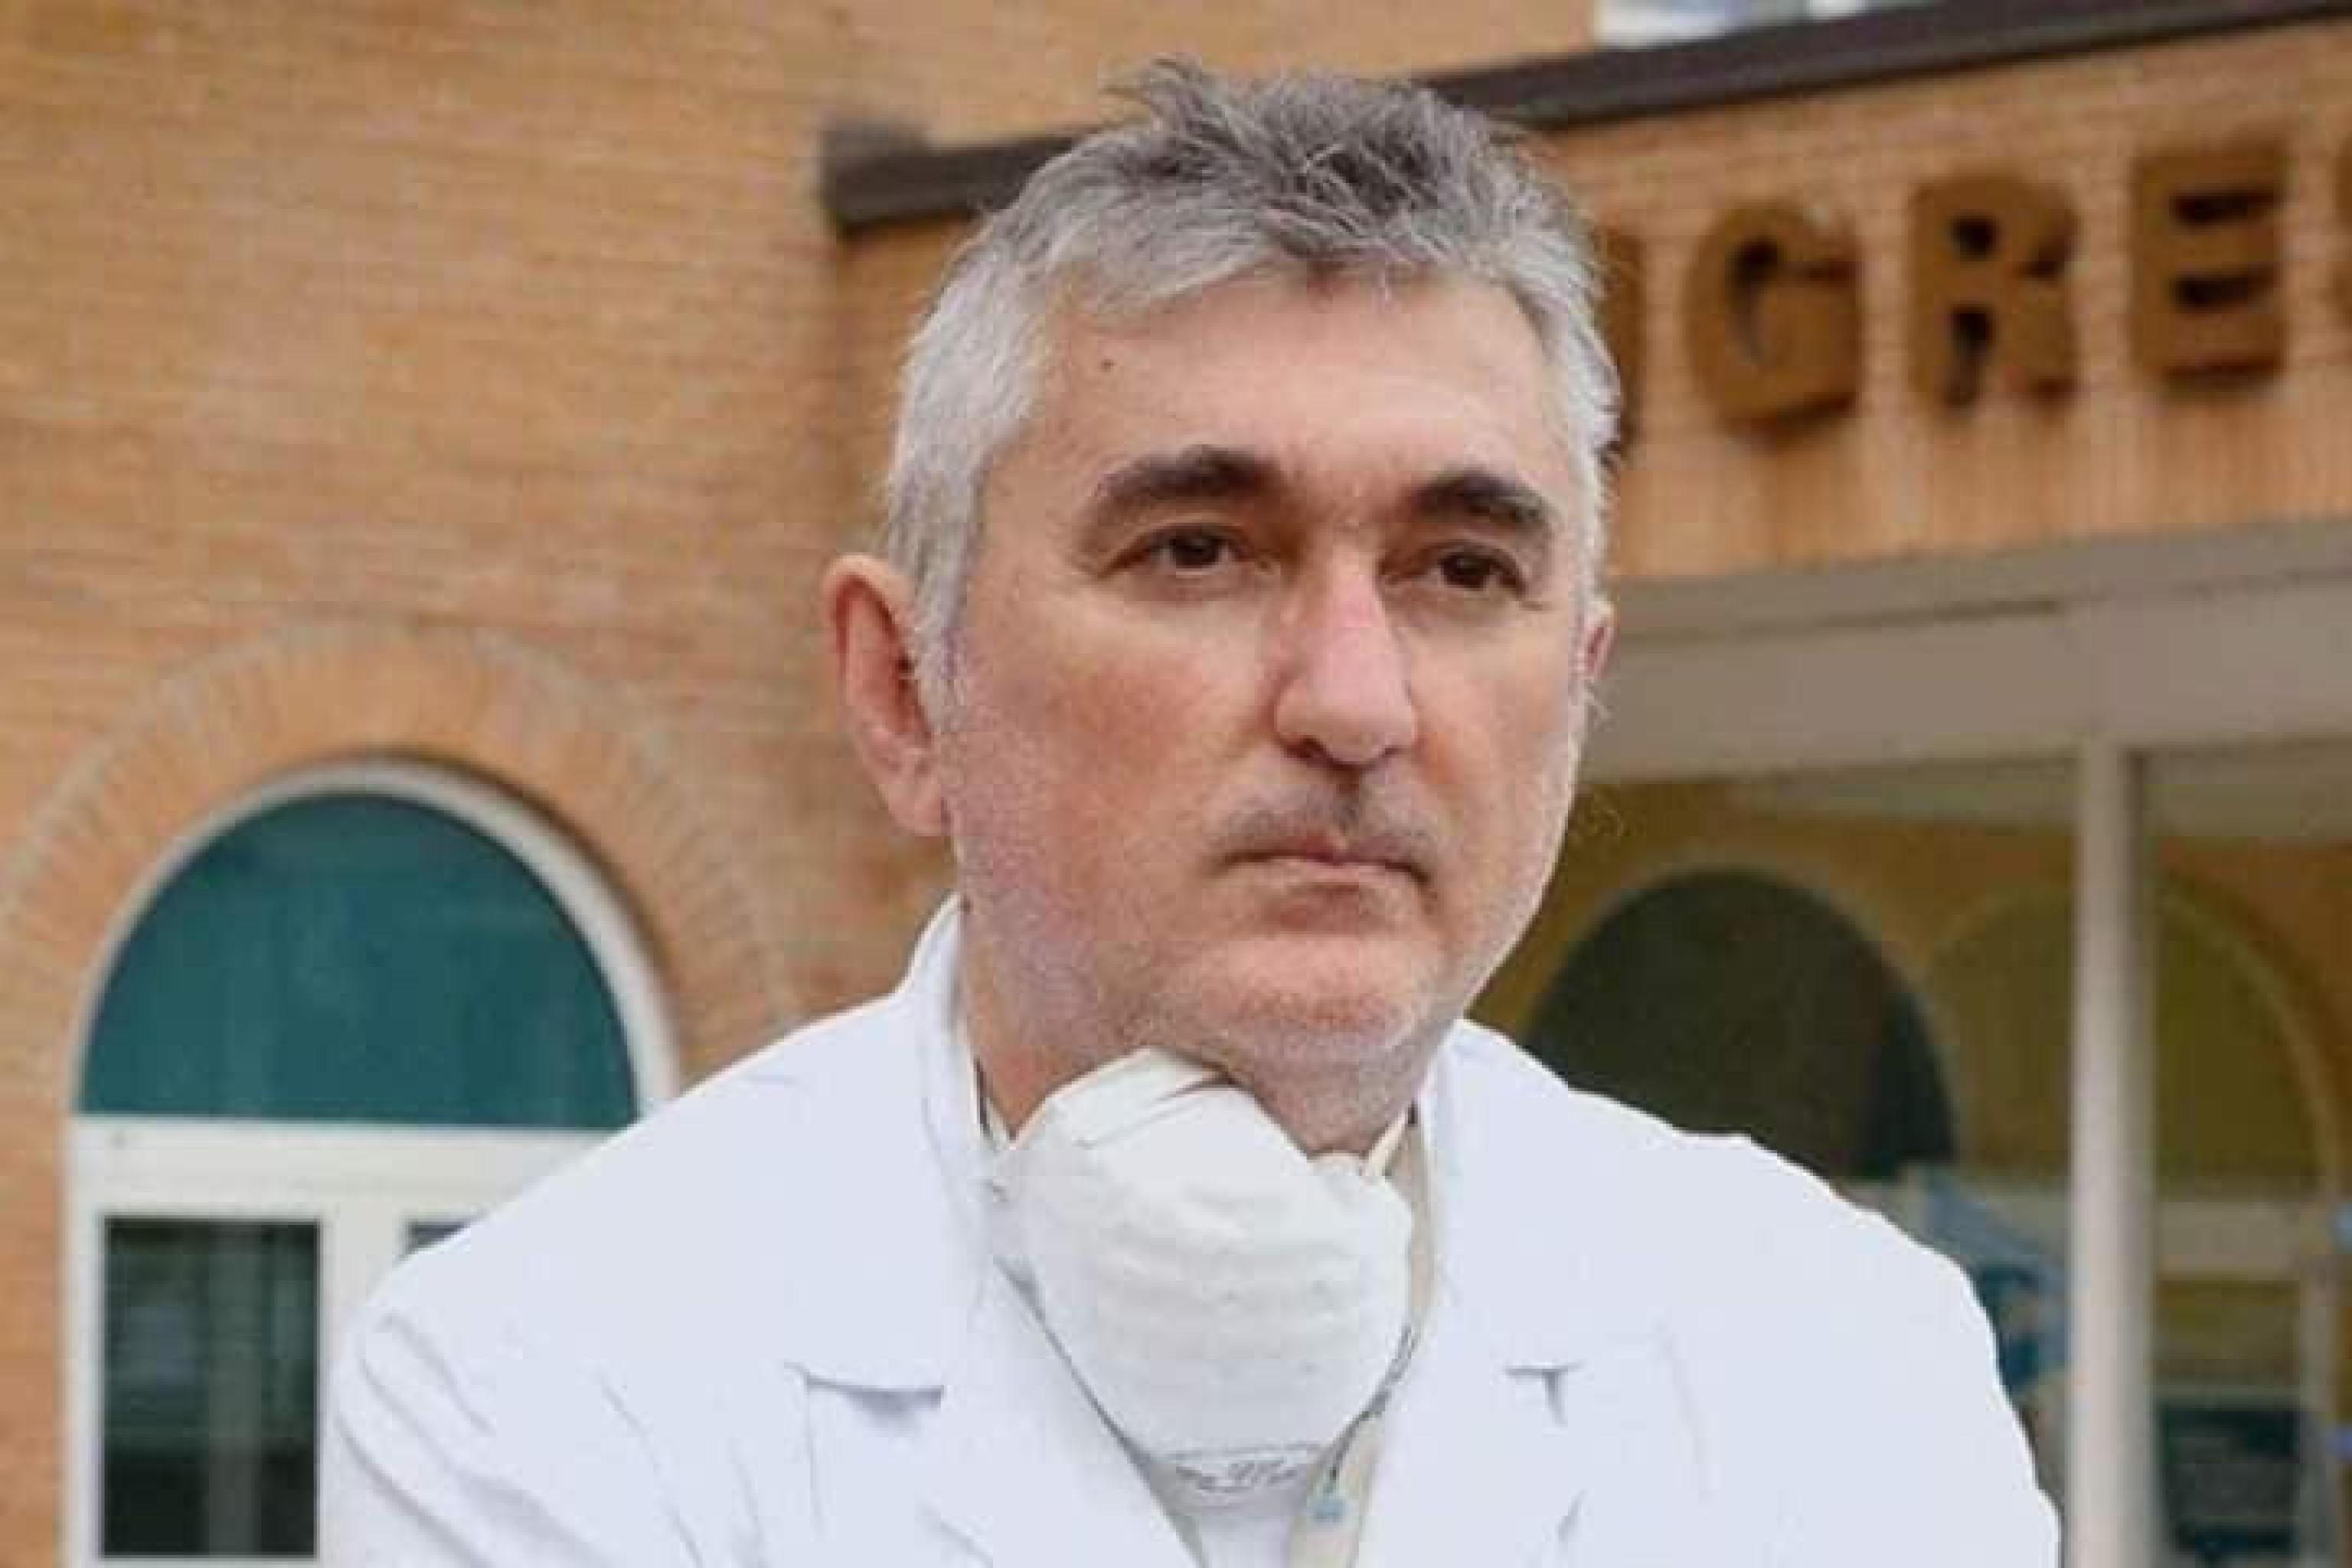 La lettera della famiglia di De Donno zittisce No vax e complottisti: «Il silenzio è la miglior cura»